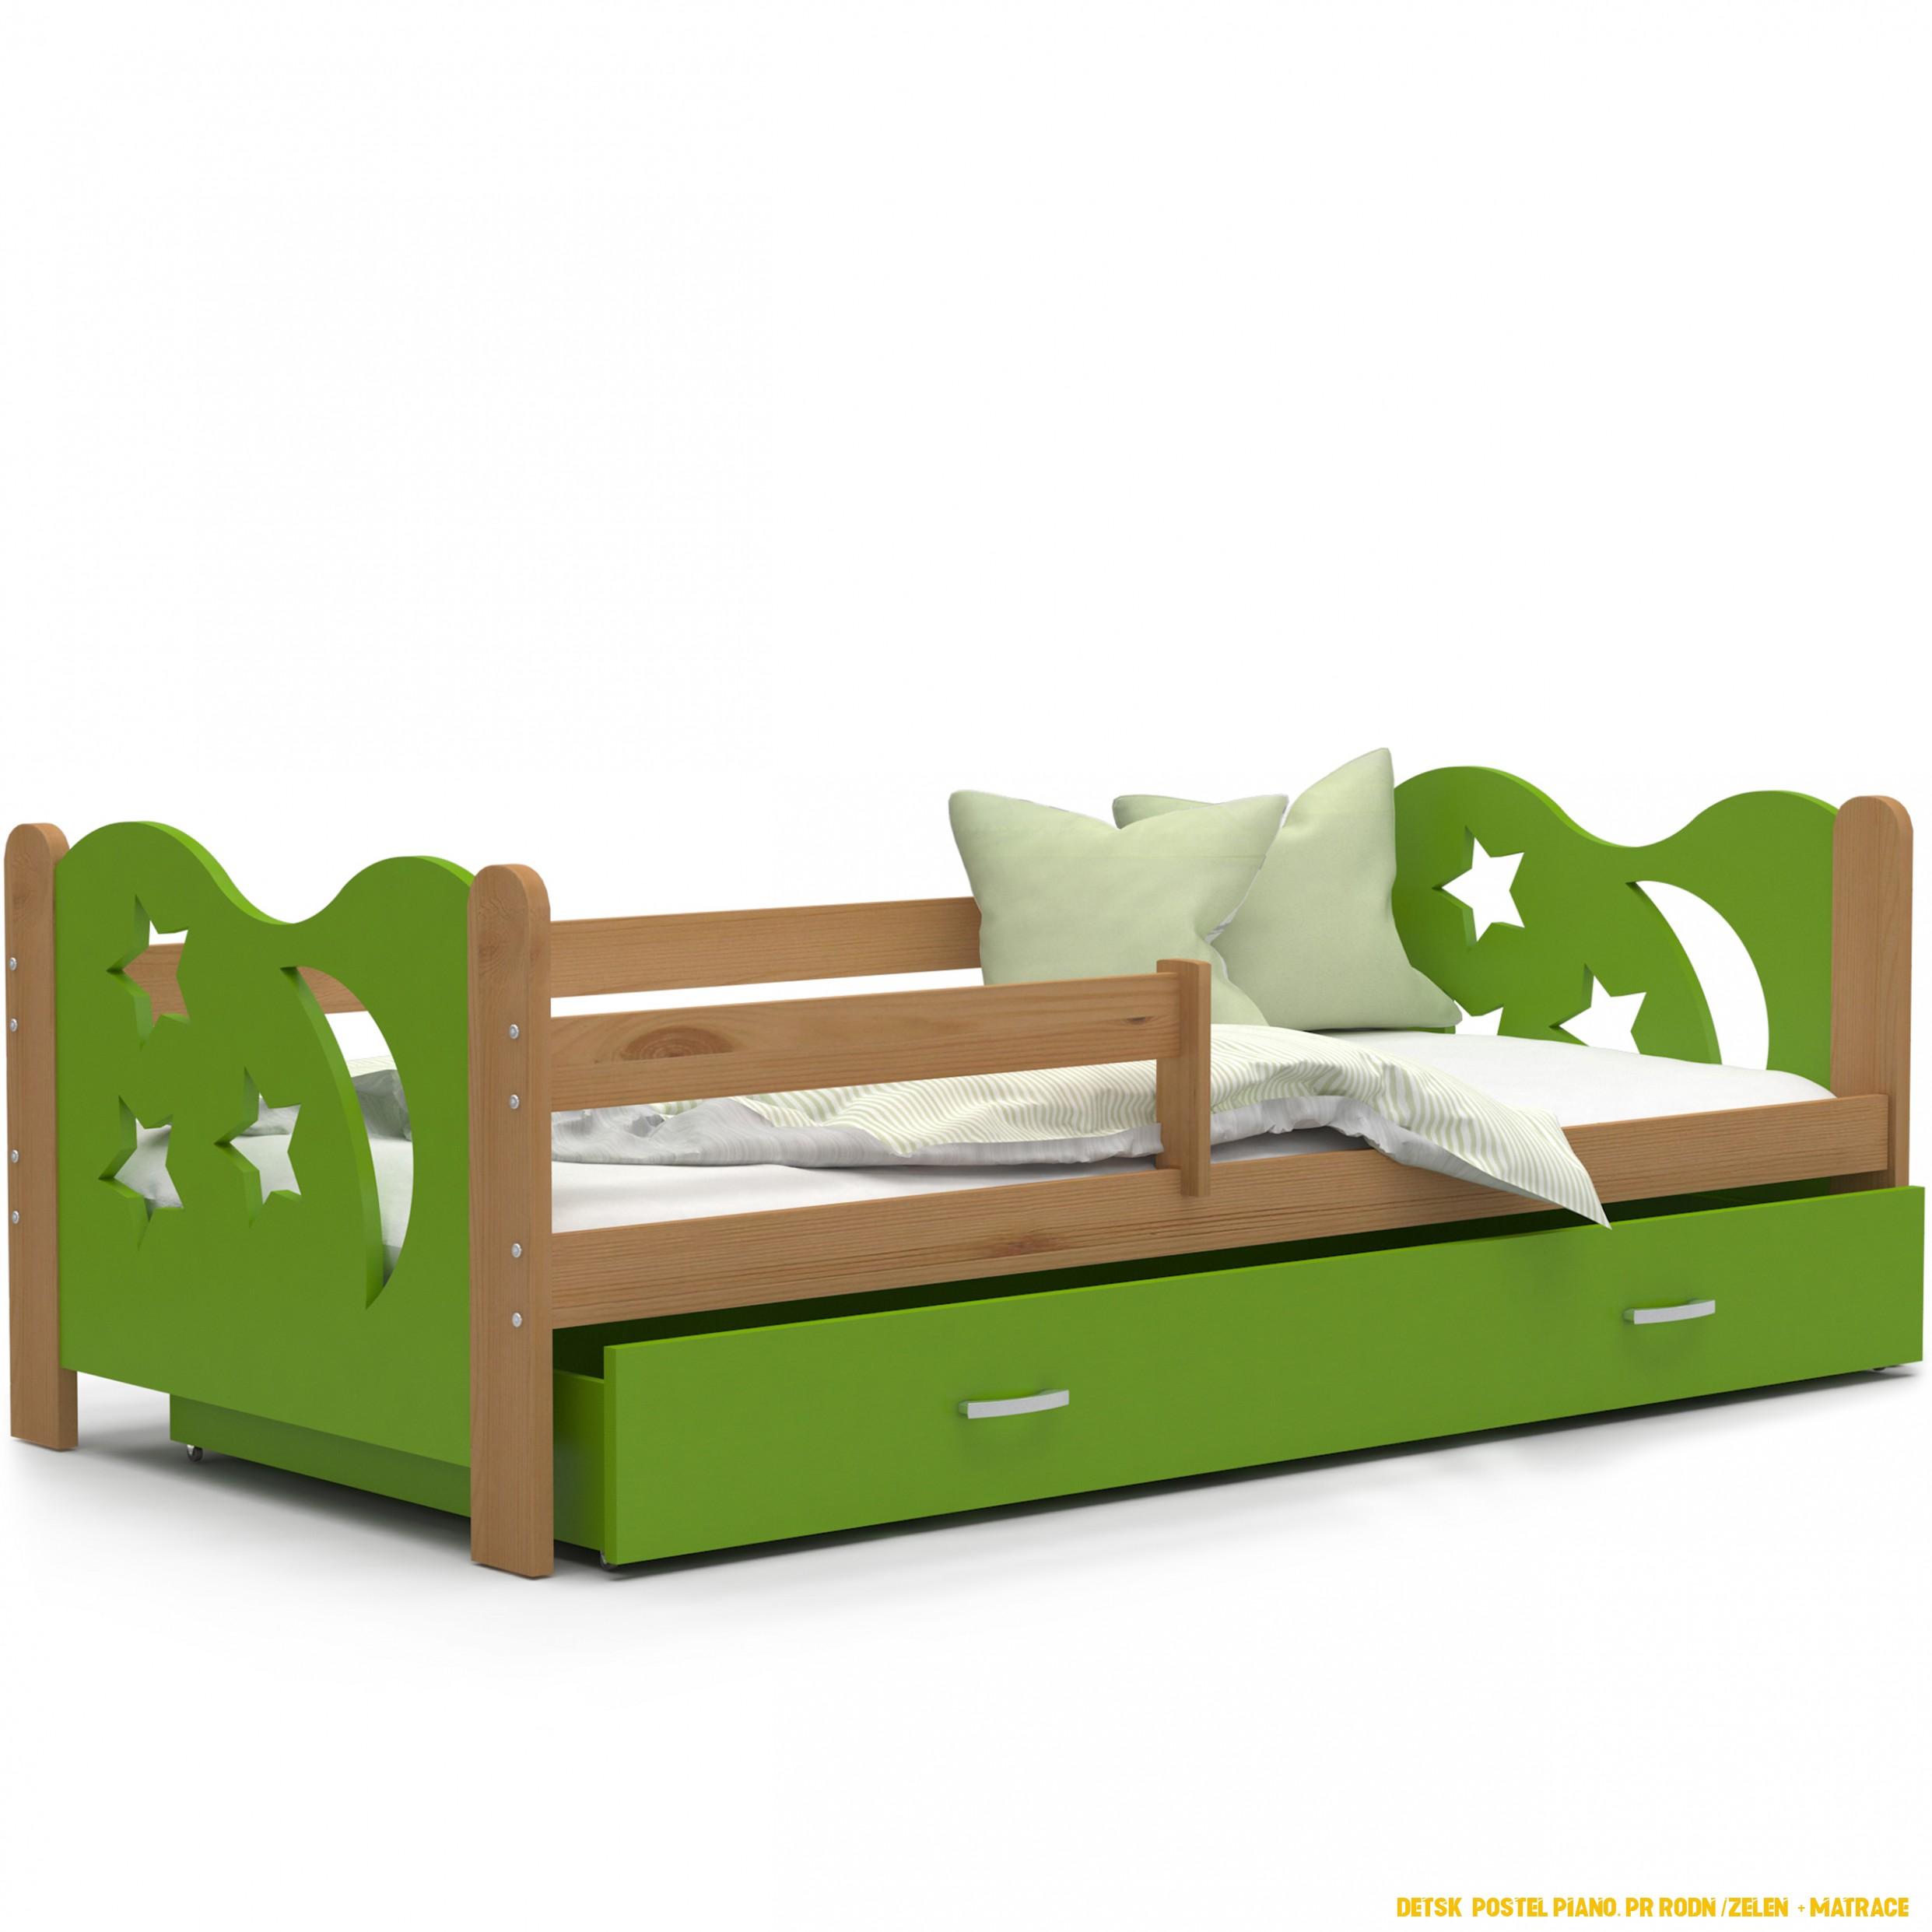 Detská posteľ so zásuvkou Mikoláš - 4x4 cm - zelená / jelša - mesiac a  hviezdičky